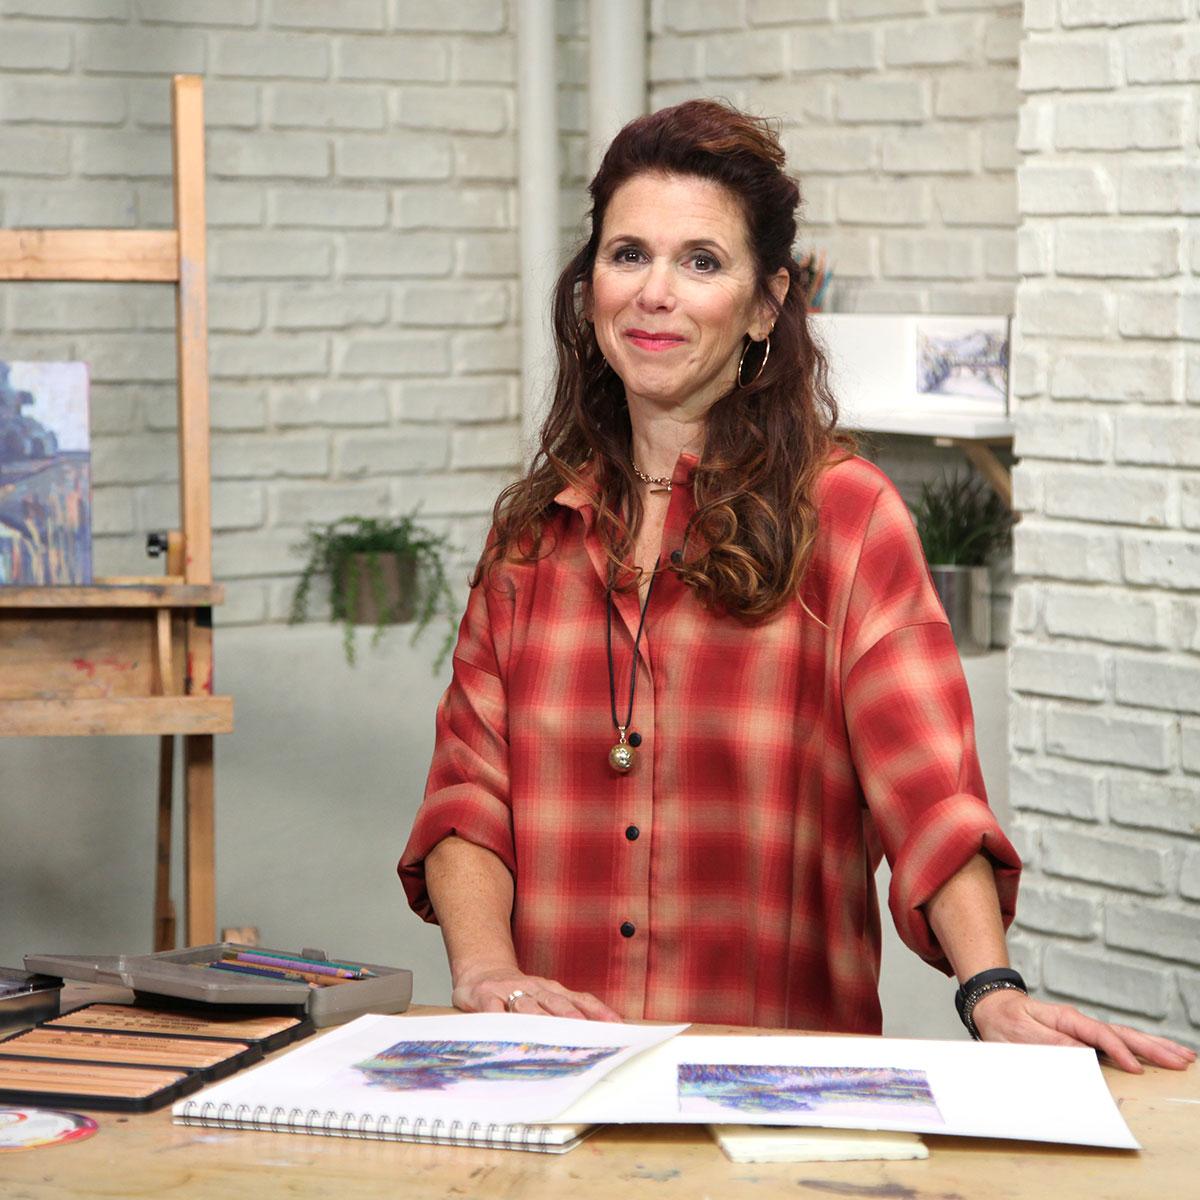 Bluprint Instructor Nina Weiss